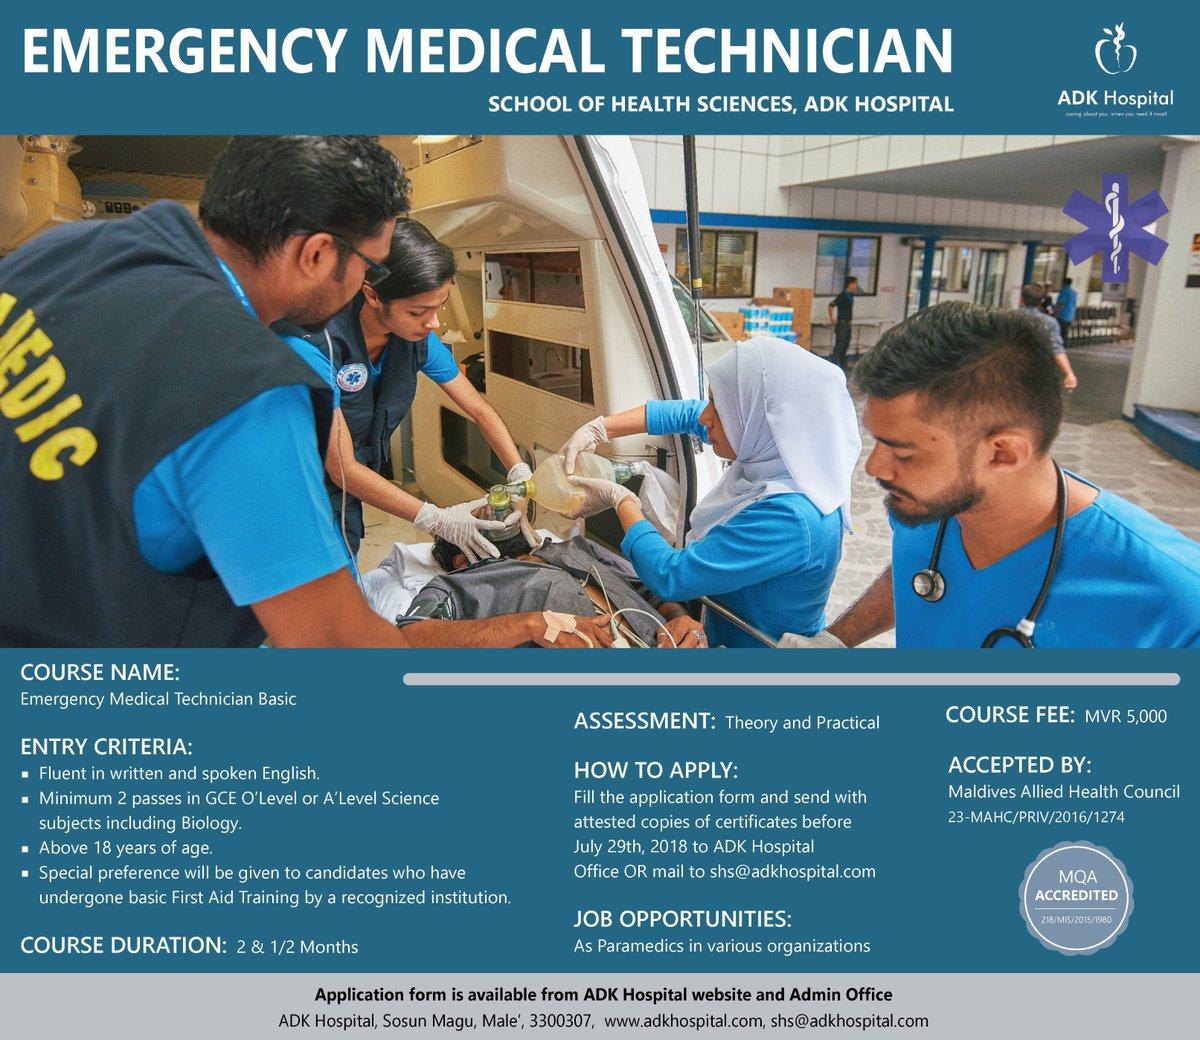 ADK Hospital on Twitter: